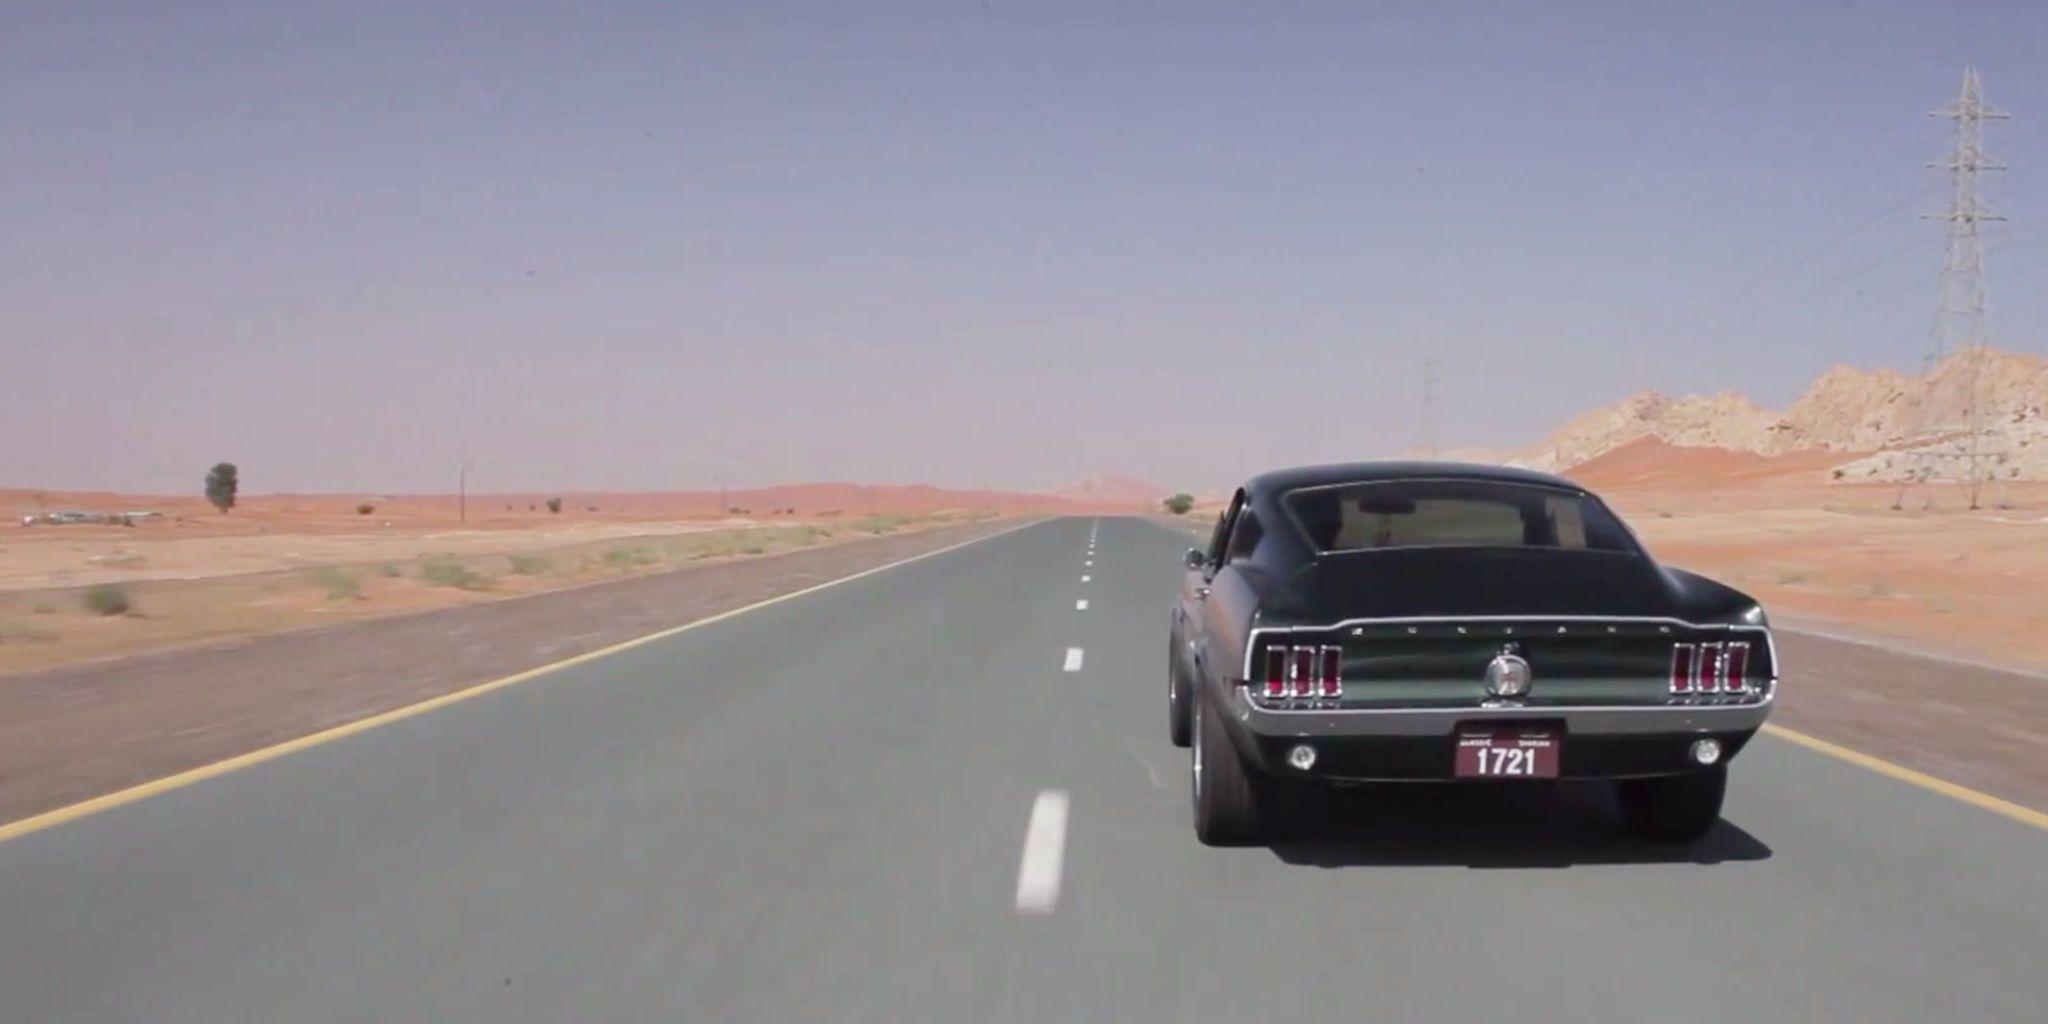 This Bullitt tribute '68 Mustang in Dubai is no mirage